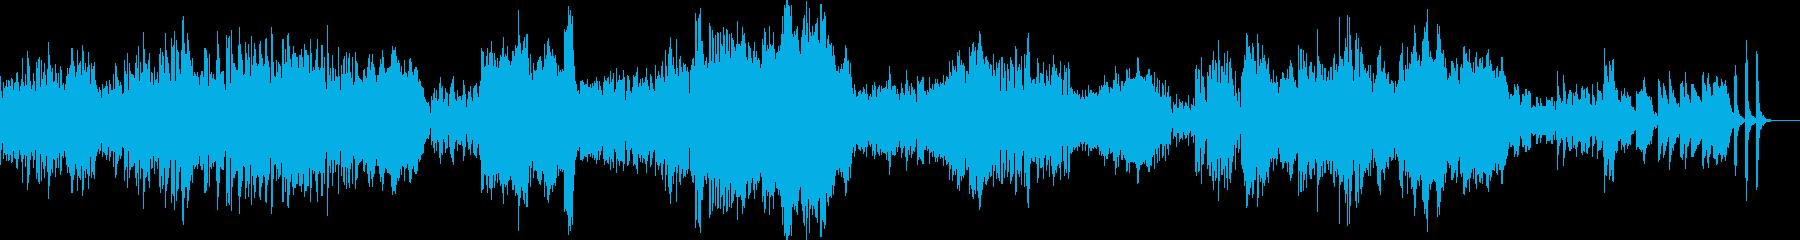 ドビュッシーの人気曲、パスピエです。の再生済みの波形